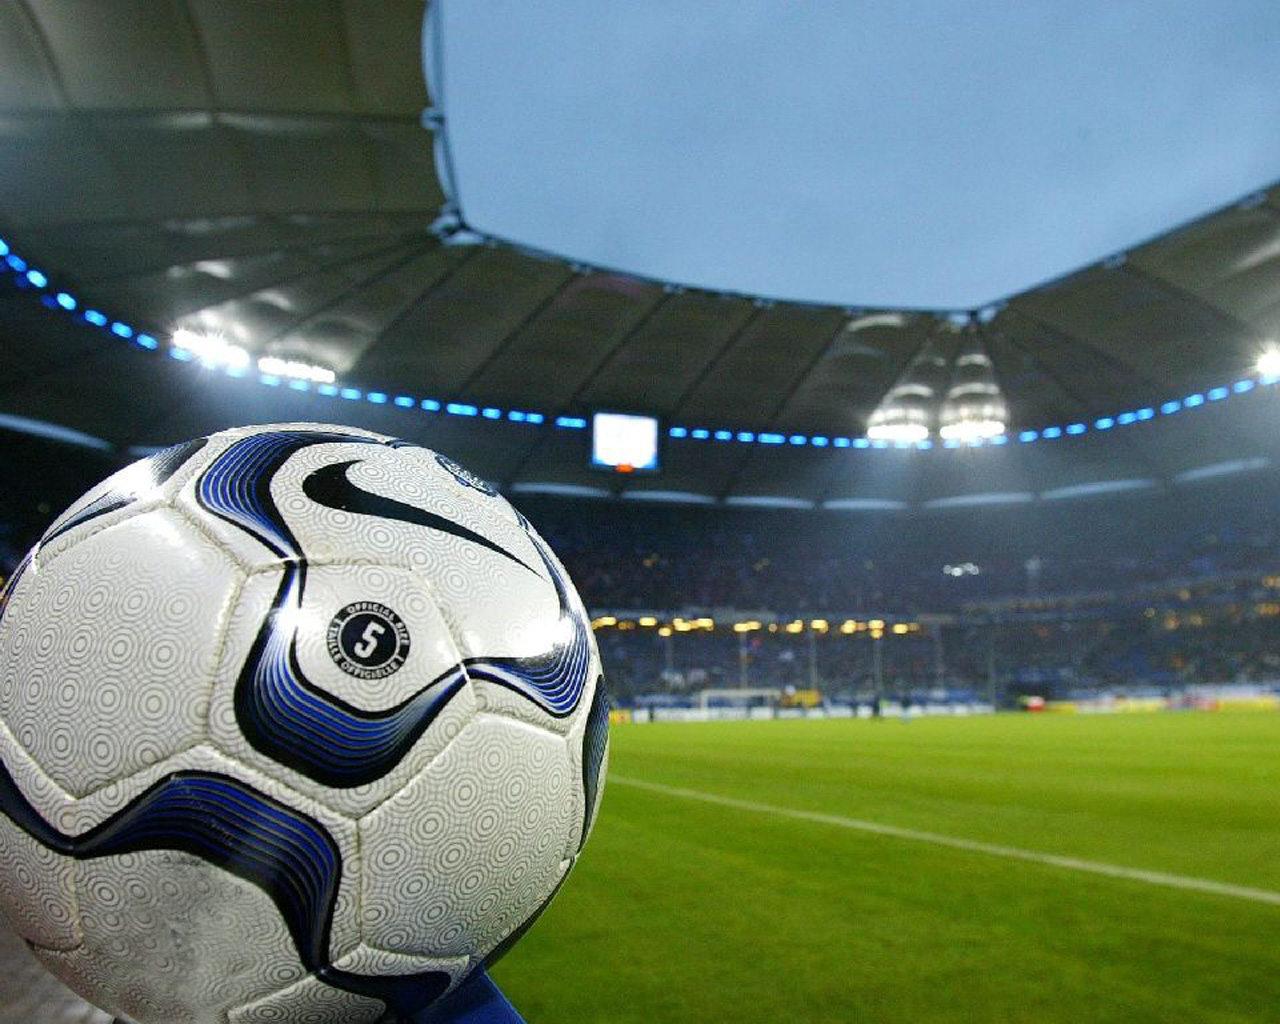 мяч на стадионе, фото, обои на рабочий стол, стадион